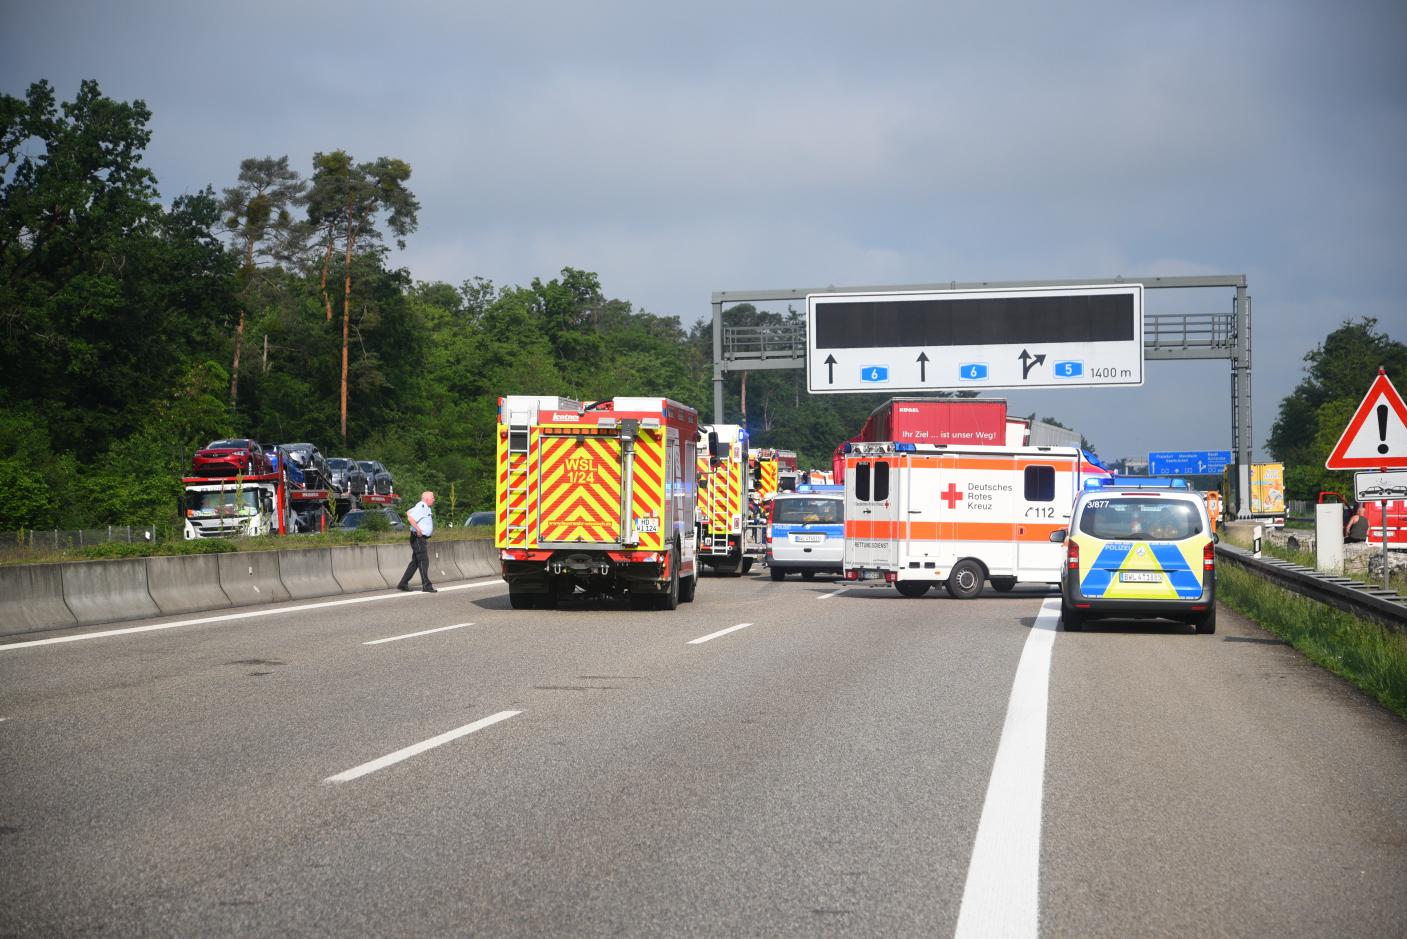 St. Leon-Rot/BAB 6: Schwerer Verkehrsunfall - A 6 in Fahrtrichtung Mannheim gesperrt - ein Unfallbeteiligter tödlich verletzt